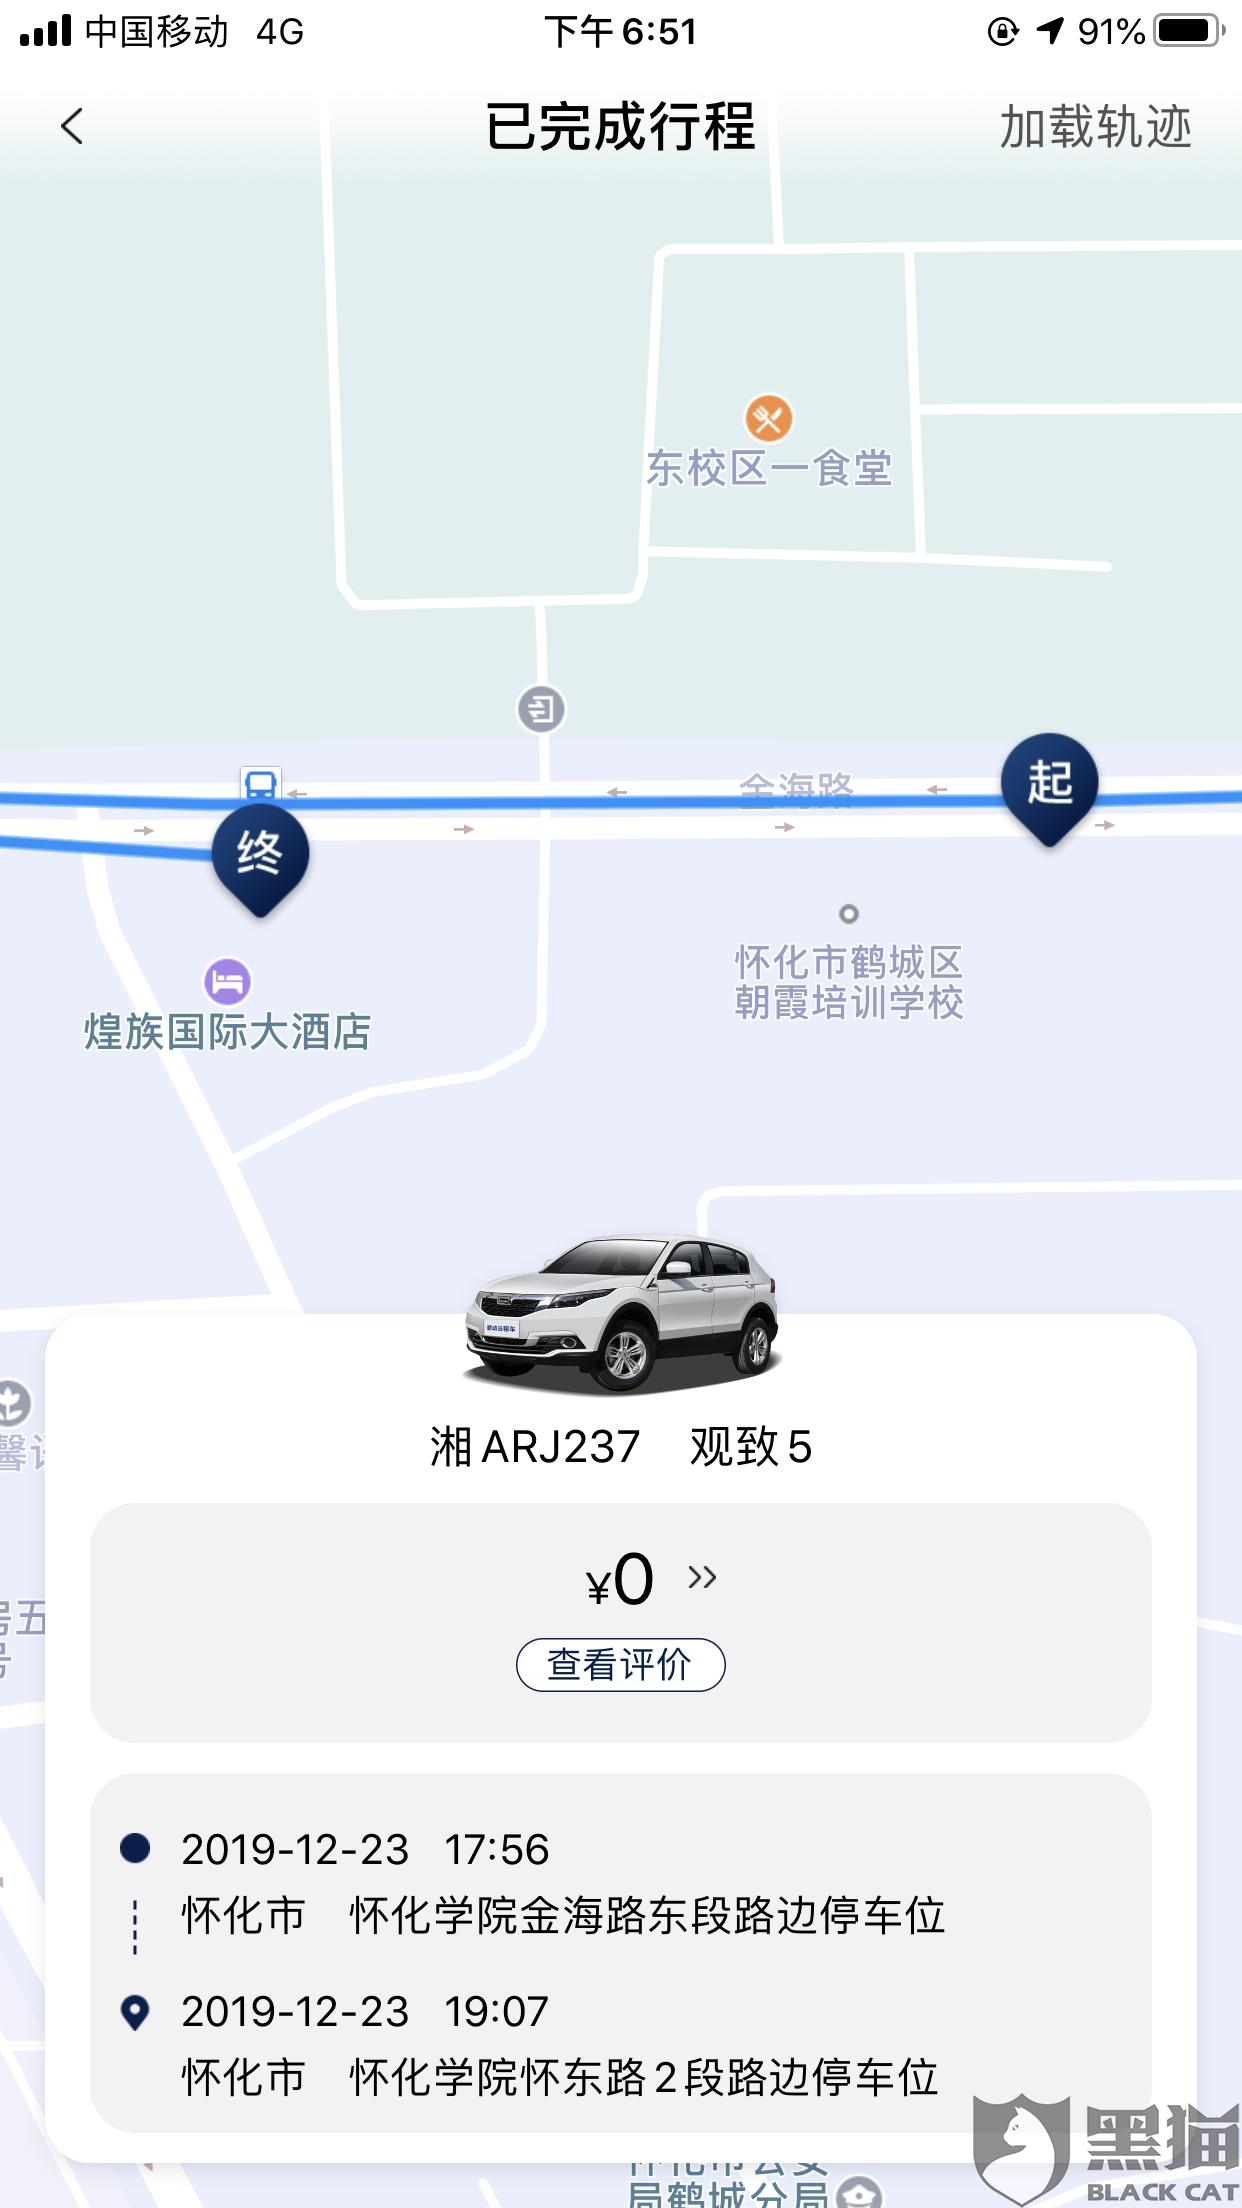 黑猫投诉:联动云用车29天后通知我违停,可我停车就位于联动云软件显示的还车点